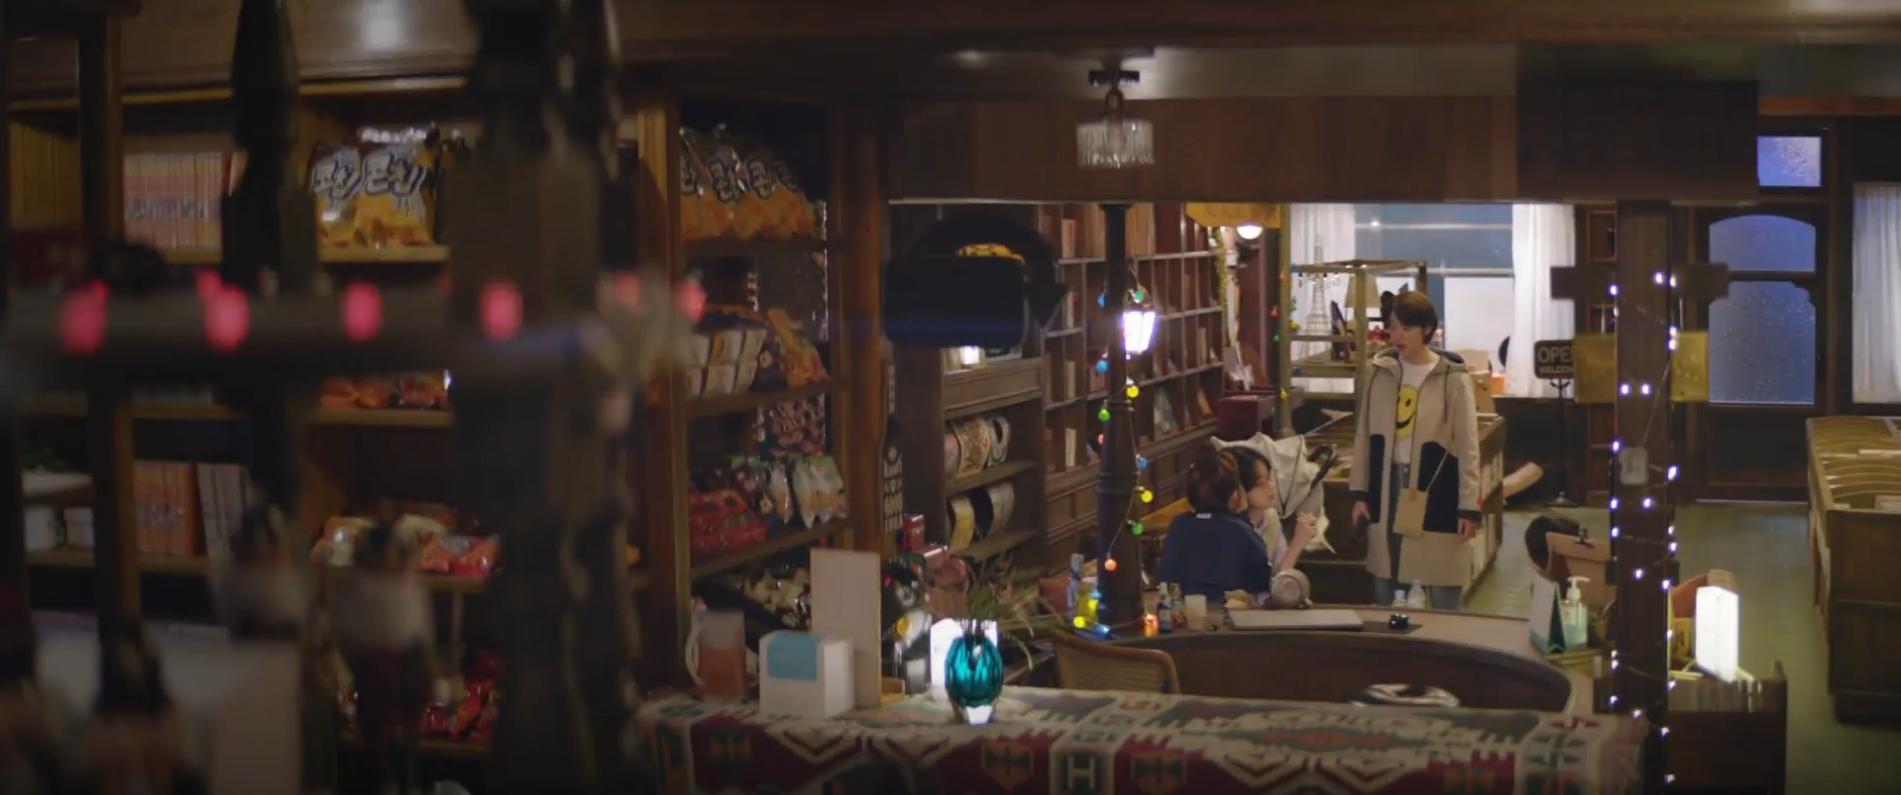 KBS2 드라마 '출사표'에서 반짝 선보인 캐쥬얼하게 입기 좋은 김미수 티셔츠 패션